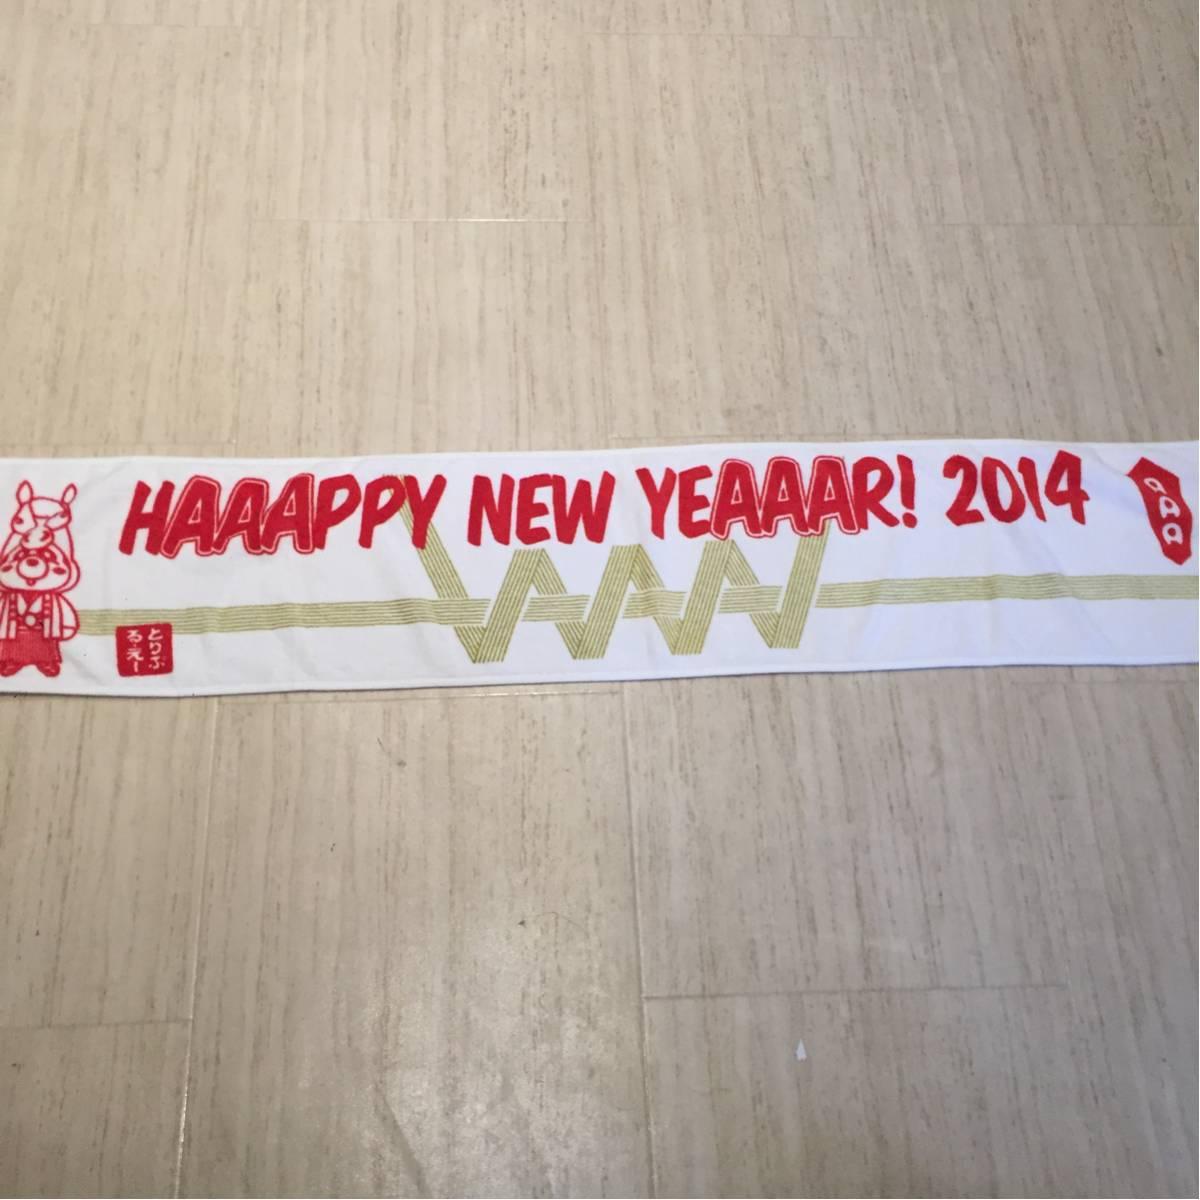 美品 AAA タオル HAAAPPY NEW YEAAAAR! 2014 c622